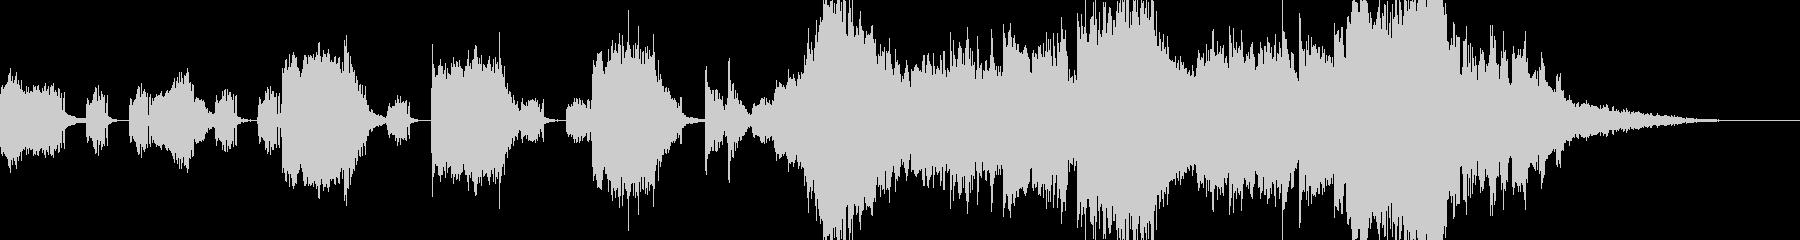 オーケストラ 警告音 危機感 予告動画の未再生の波形